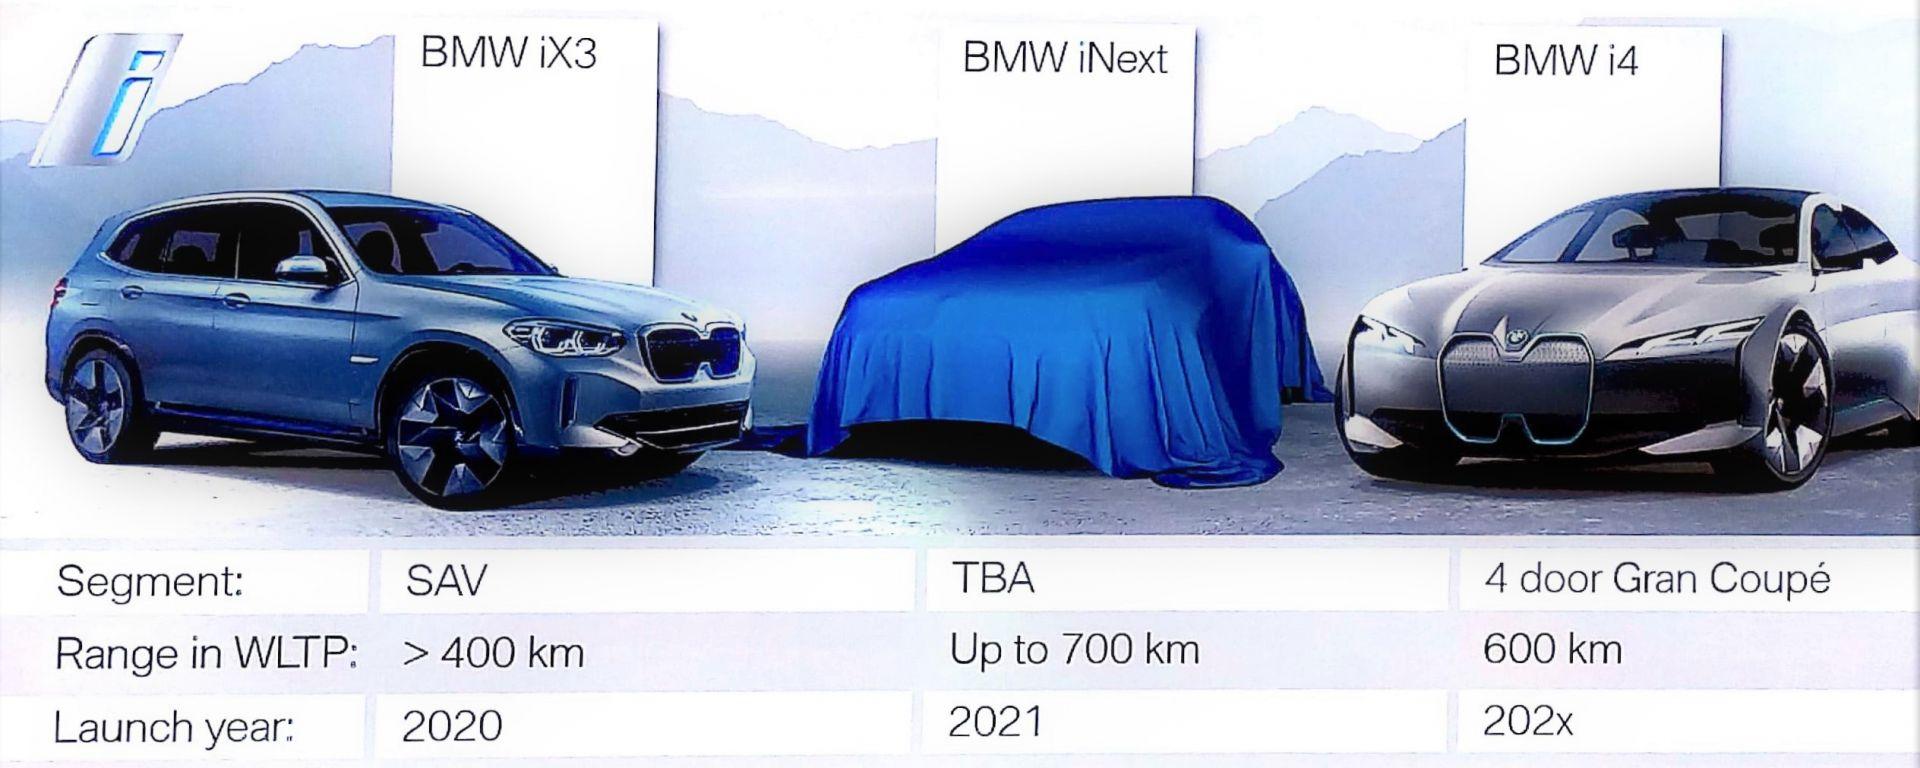 BMW iX3, BMW iNext, BMW i4 Gran Coupé